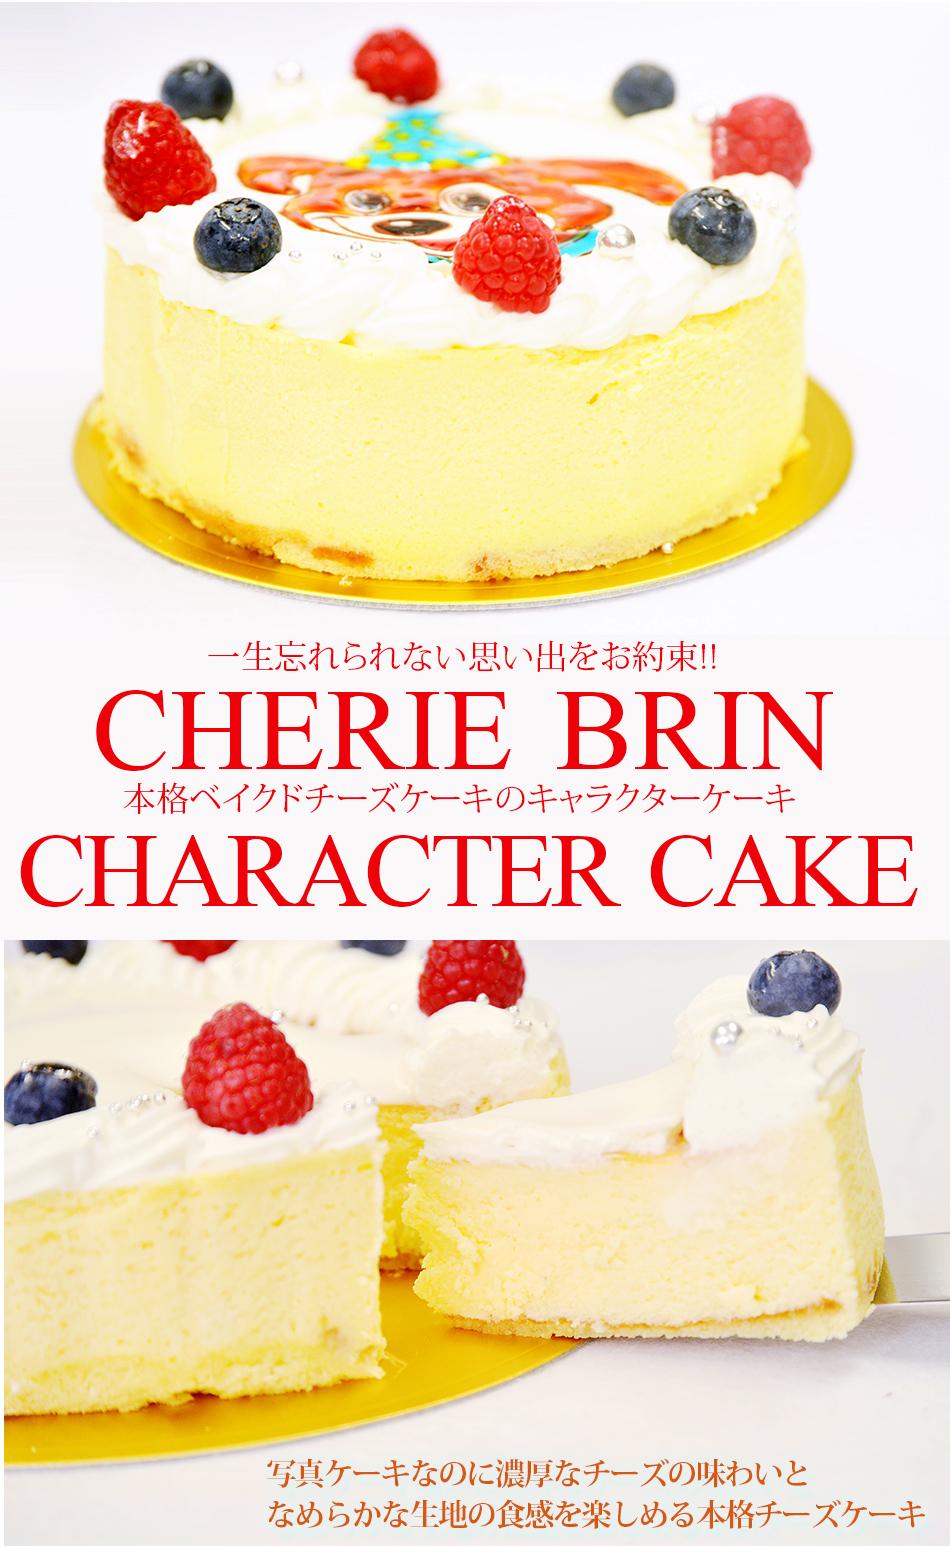 デコレーション チーズ ケーキ